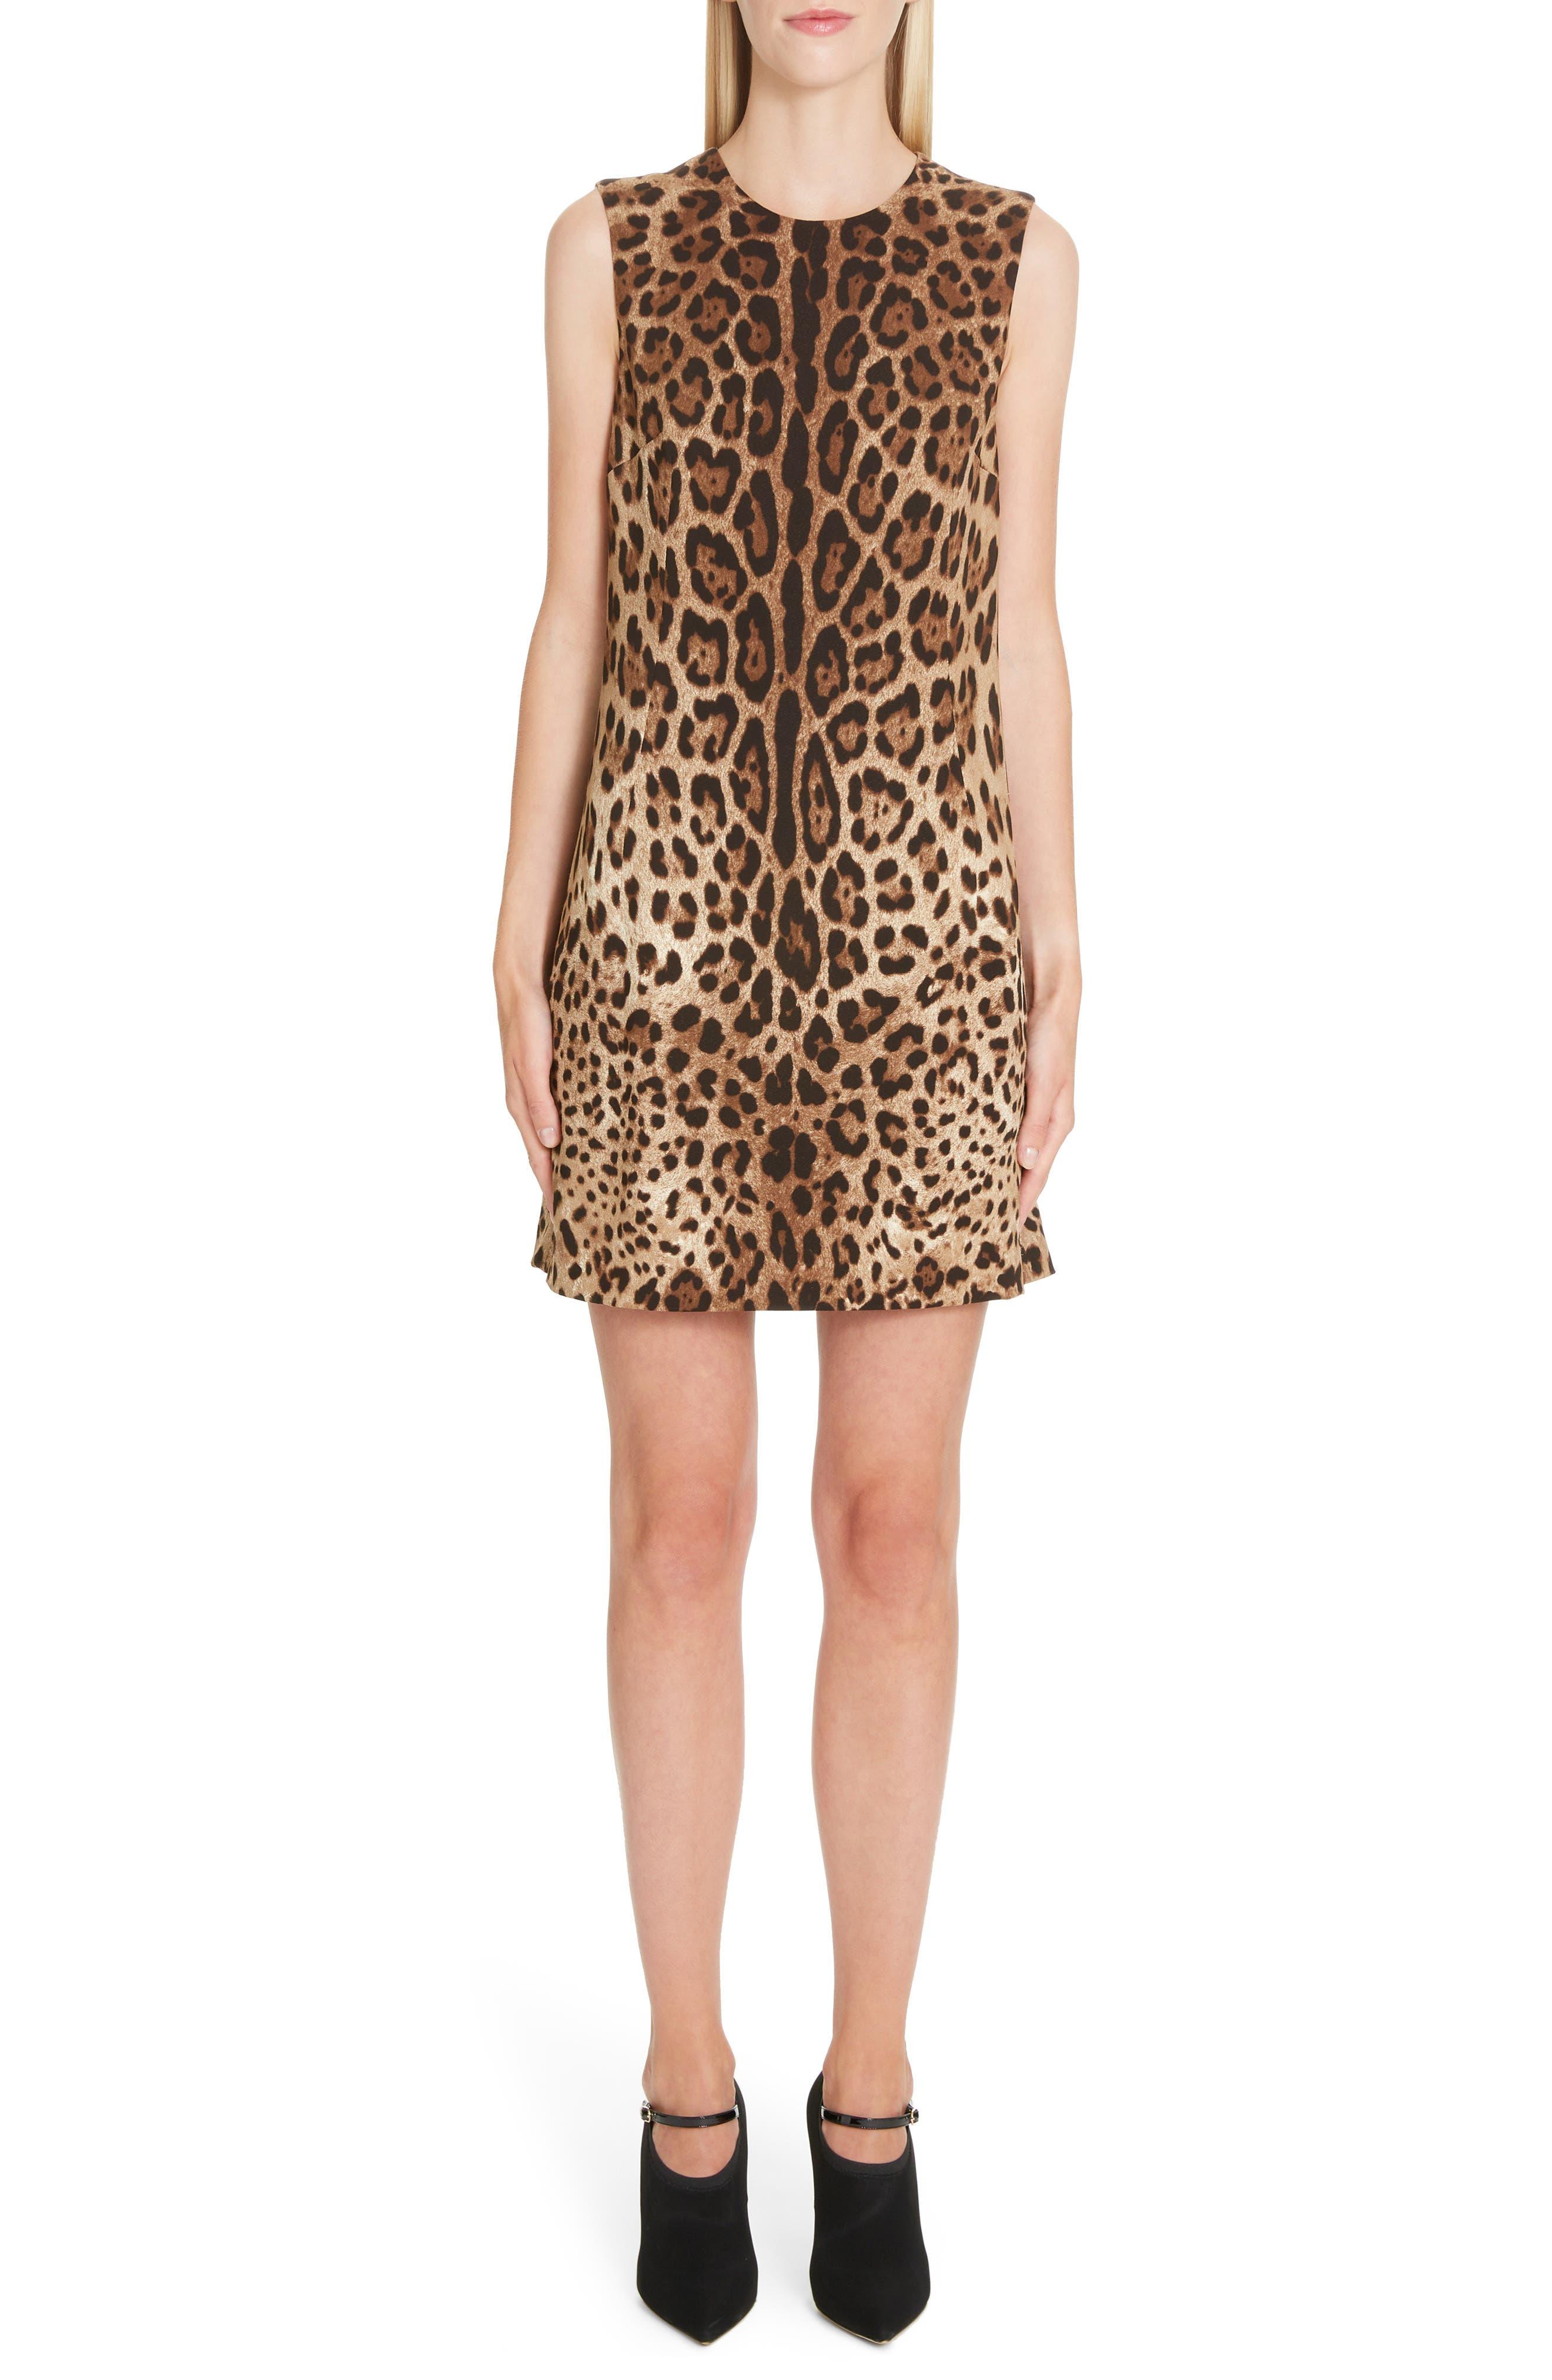 Dolce & gabbana Leopard Print Shift Dress, US / 40 IT - Brown